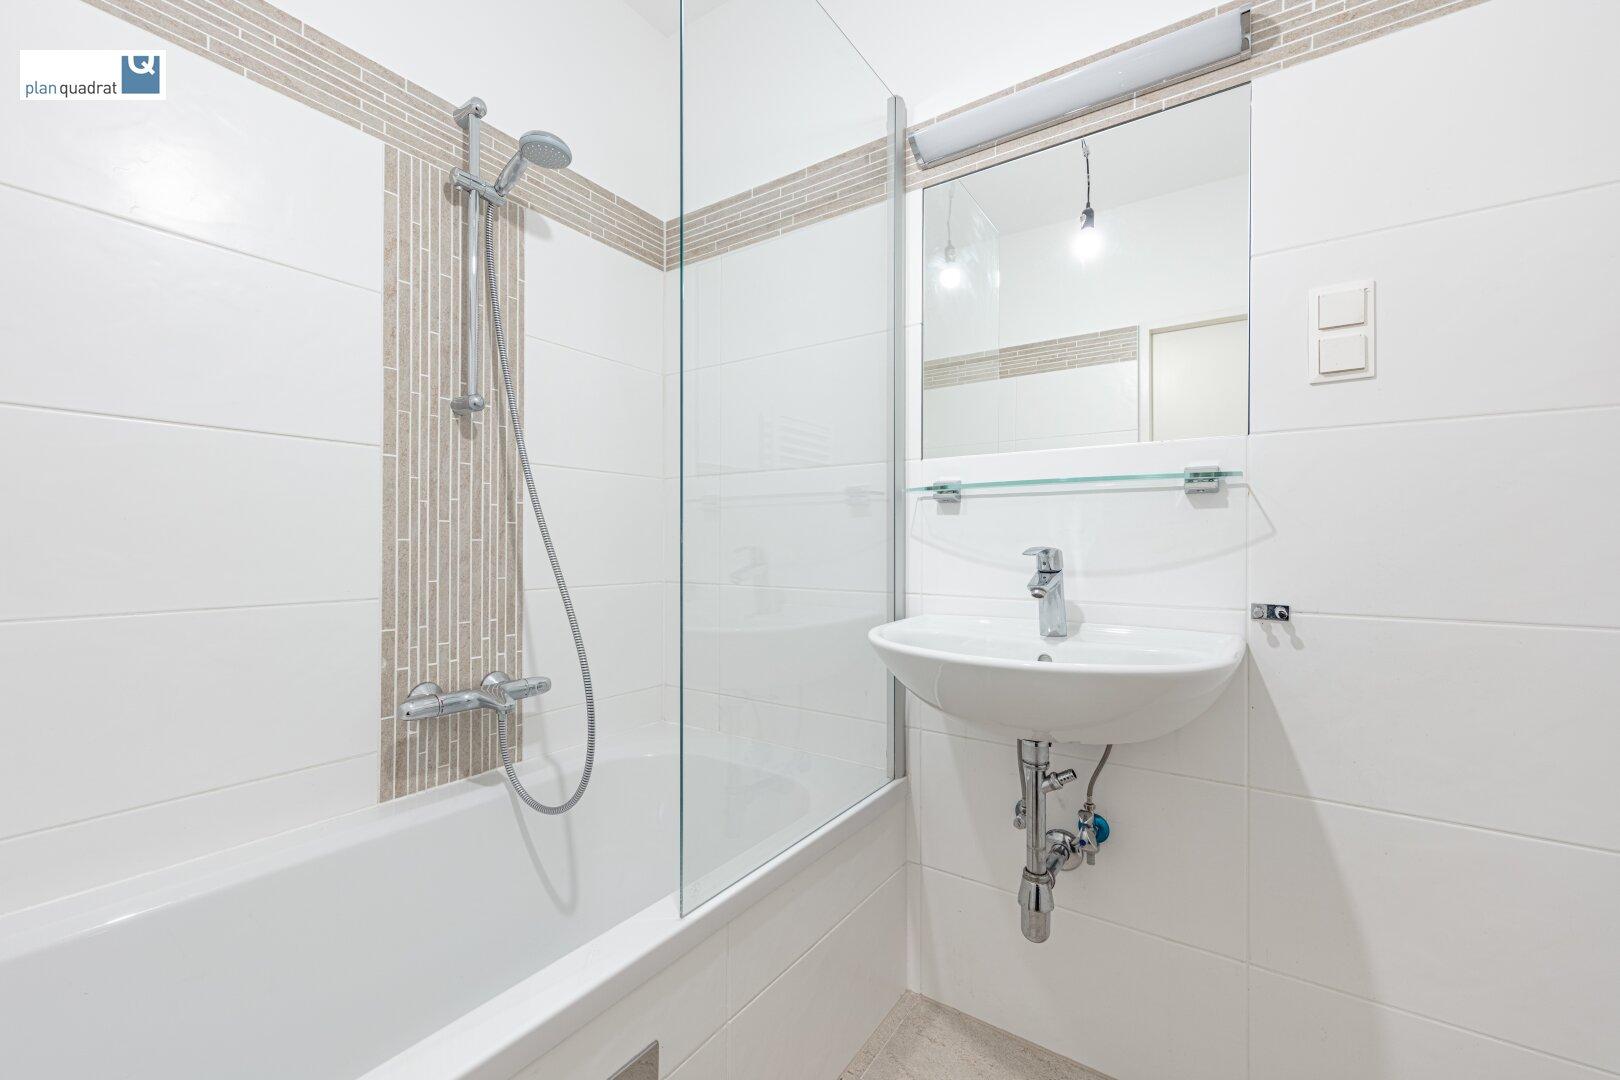 Badezimmer (ca. 3,60 m.2) mit Waschbecken, Badewanne und Wa-Ma-Anschluss